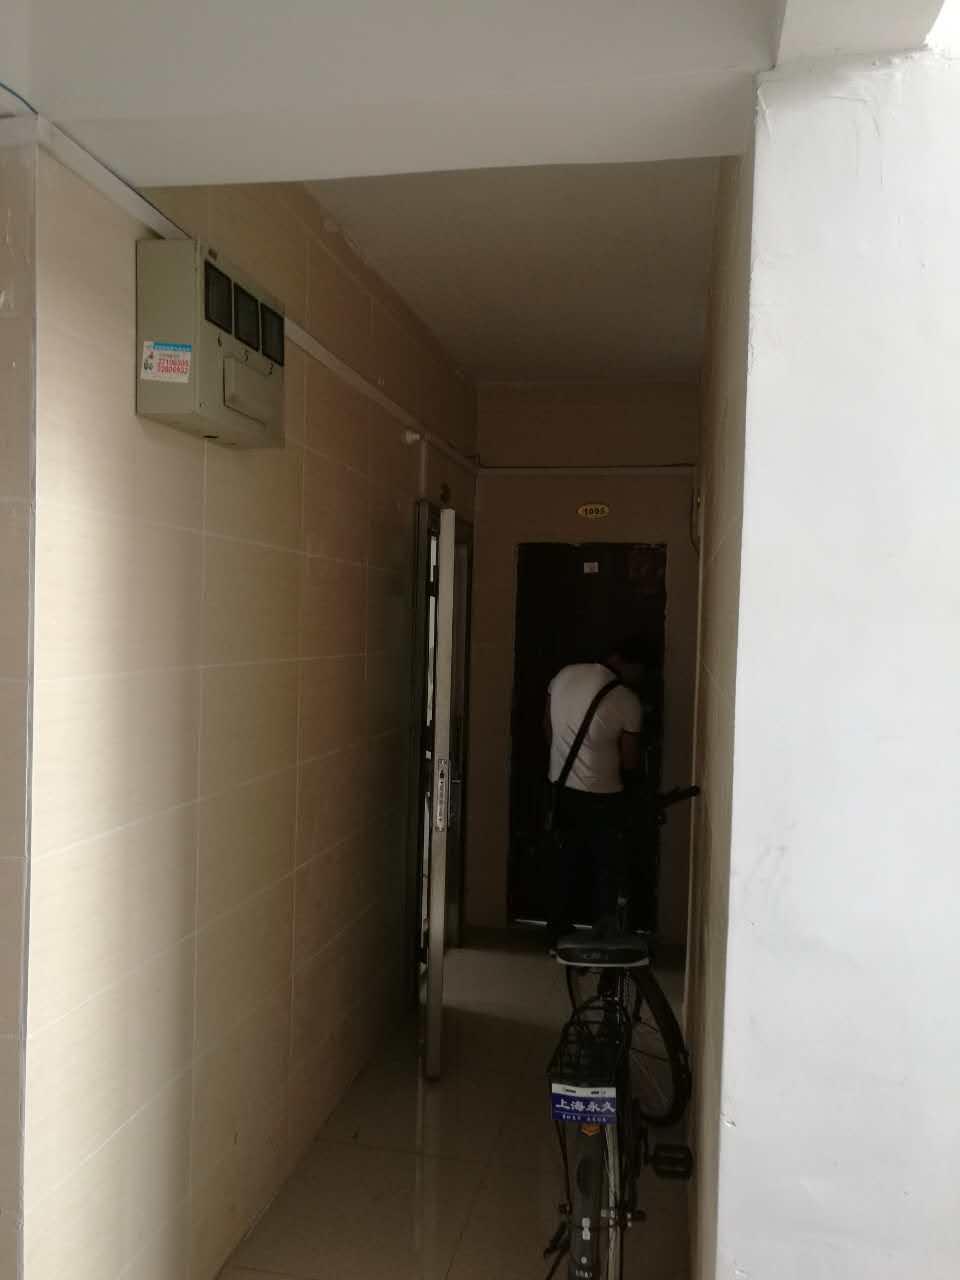 深圳小产权房单身公寓出售,公明上村全新装修 房地产 公寓 不动产 一房一厅 第2张